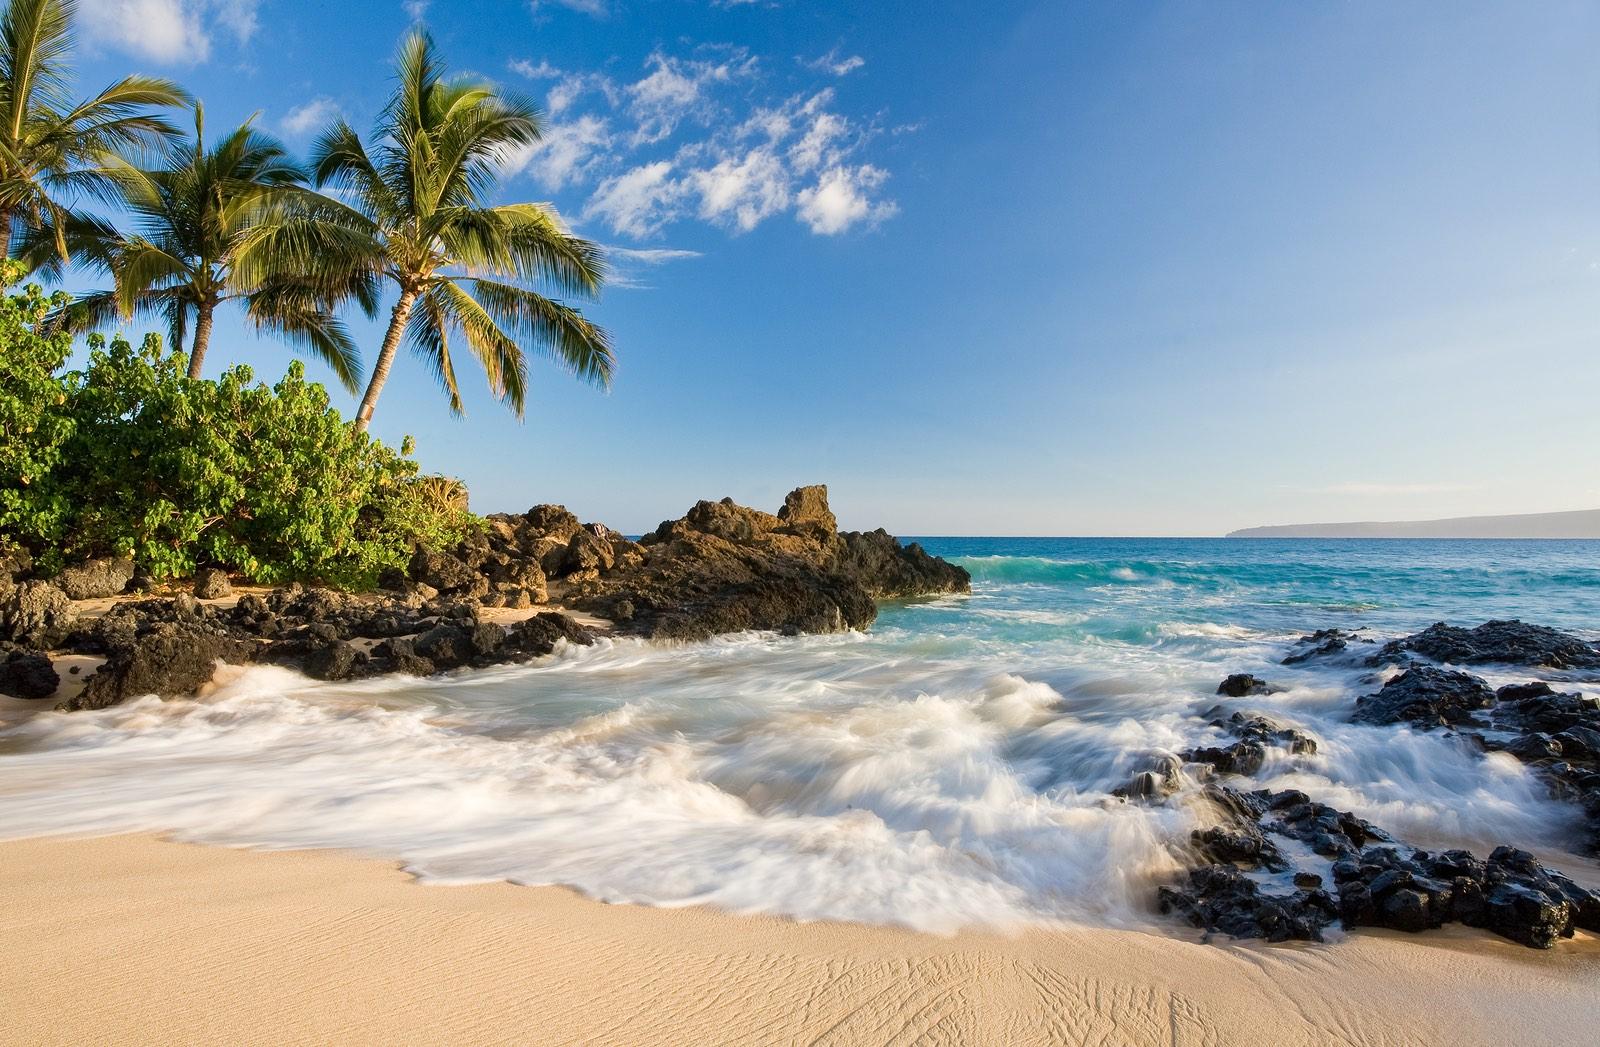 Beach In Tropical Maui Hawaii